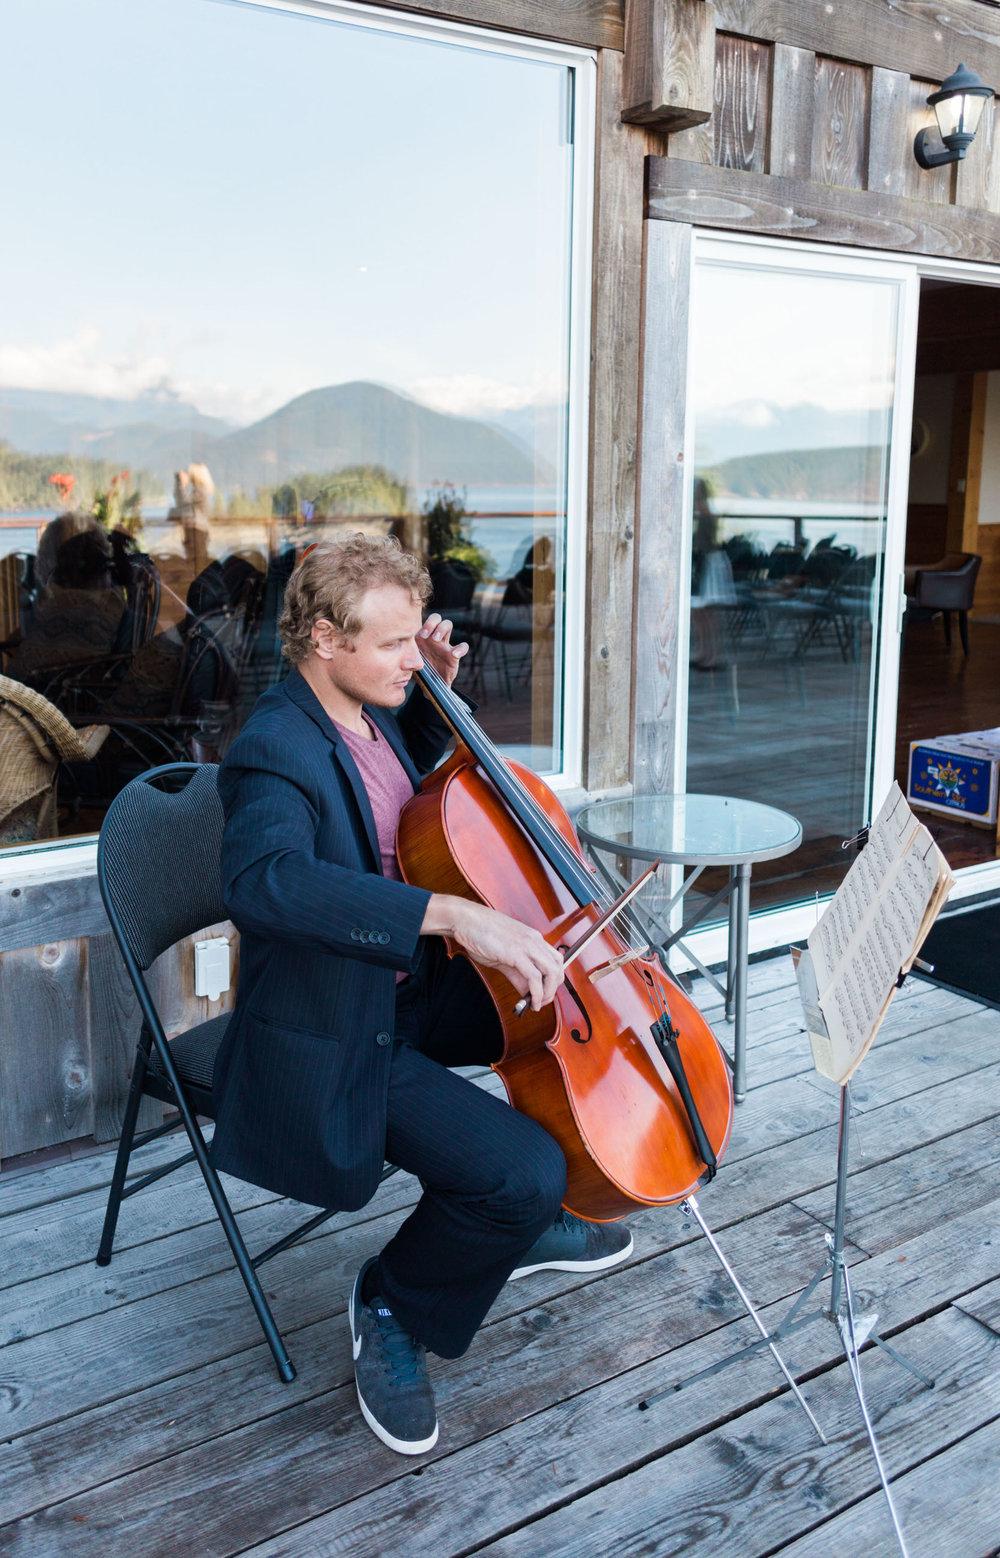 Sunshine Coast Wedding Photographer - Vancouver Wedding Photographer - West Coast Wilderness Lodge Wedding - Jennifer Picard Photography - IMG_6299.jpg